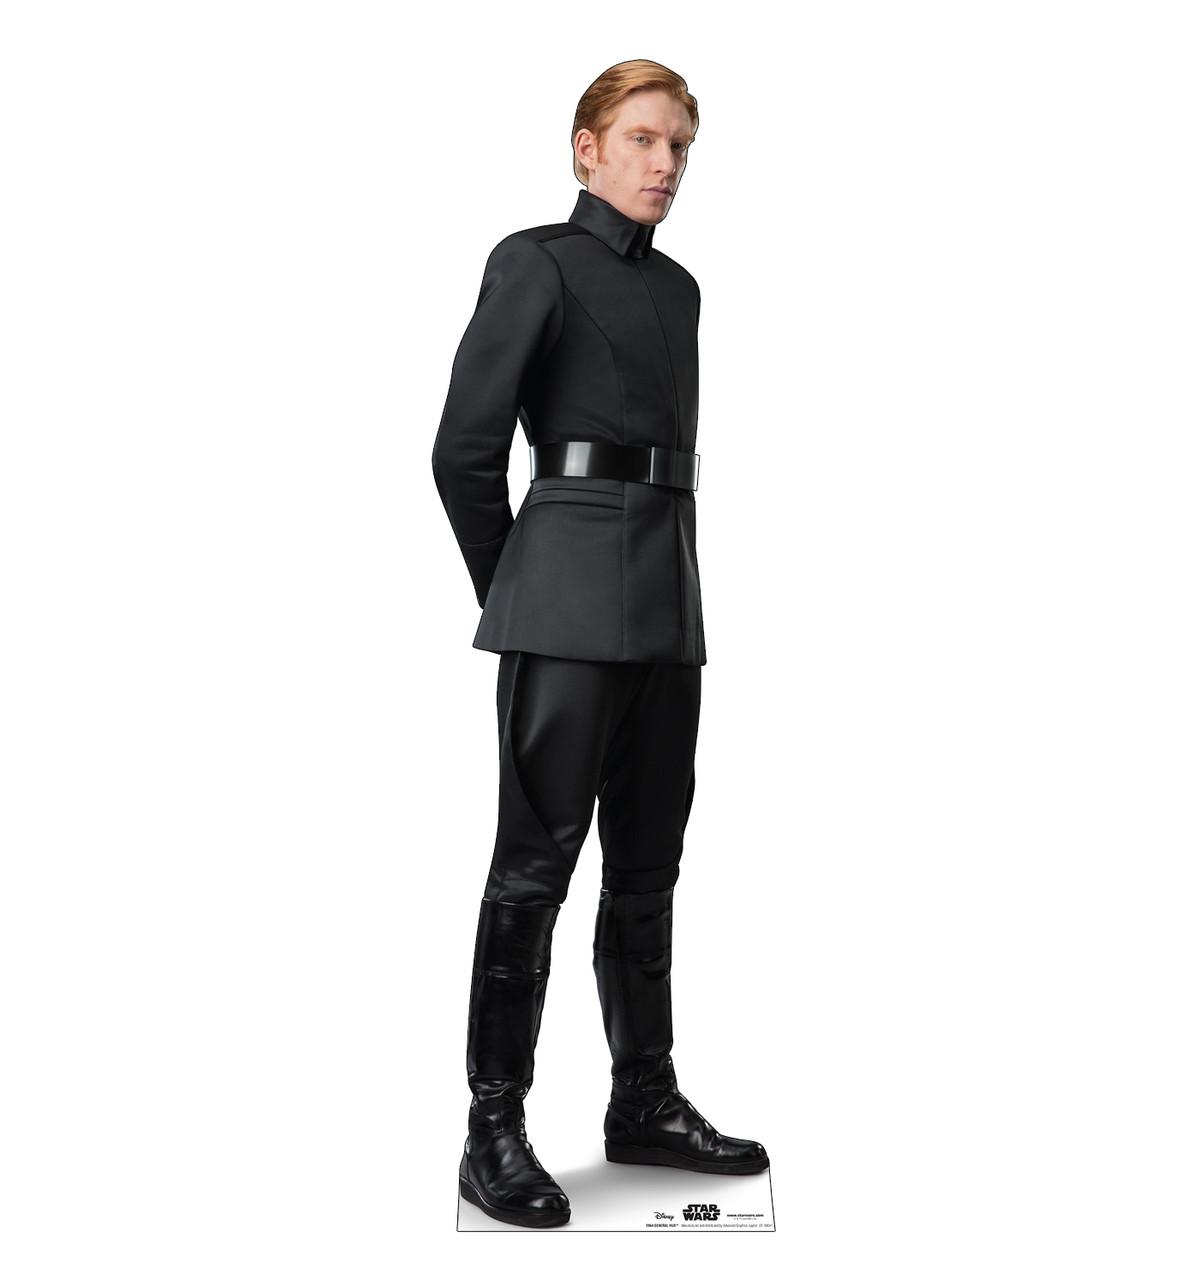 Life-size cardboard standee of General Hux™ (Star Wars IX).